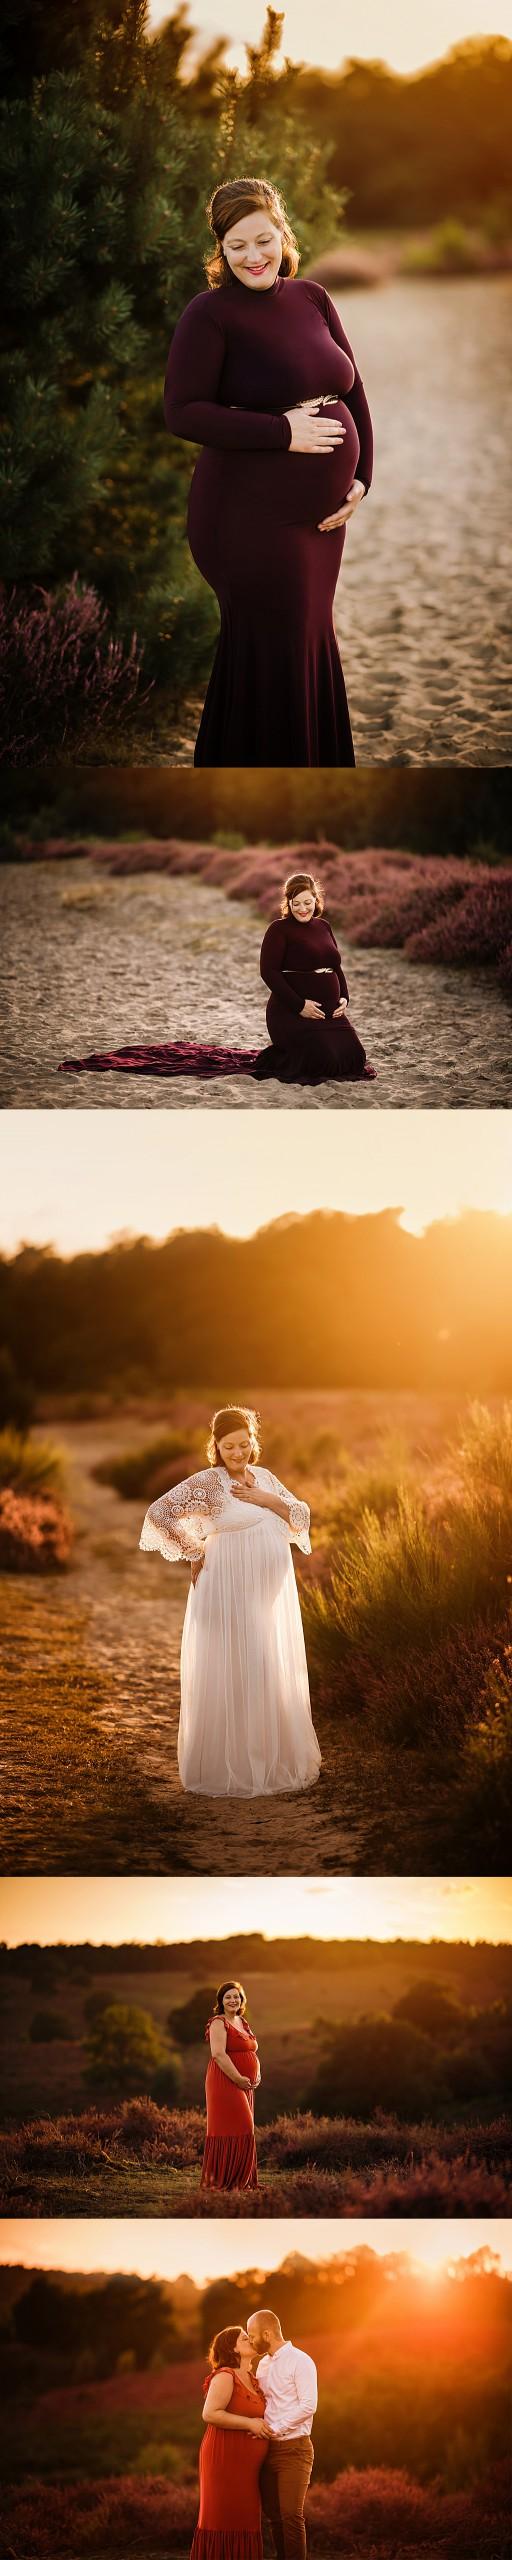 zwanger fotograaf